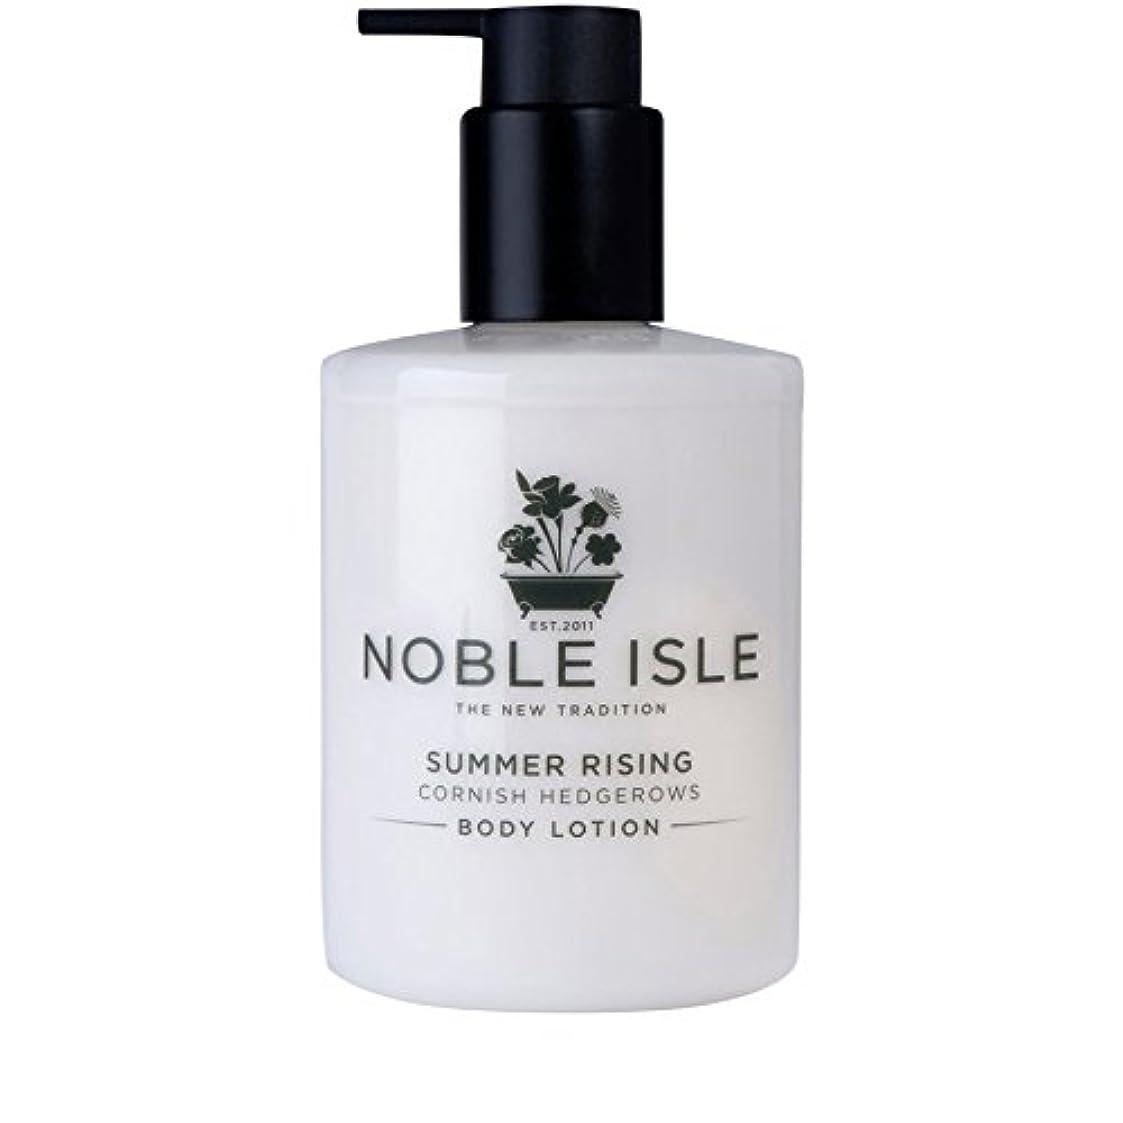 聖歌ほこりっぽいチョップNoble Isle Summer Rising Cornish Hedgerows Body Lotion 250ml (Pack of 6) - コーニッシュ生け垣ボディローション250ミリリットルを上昇高貴な島の夏...